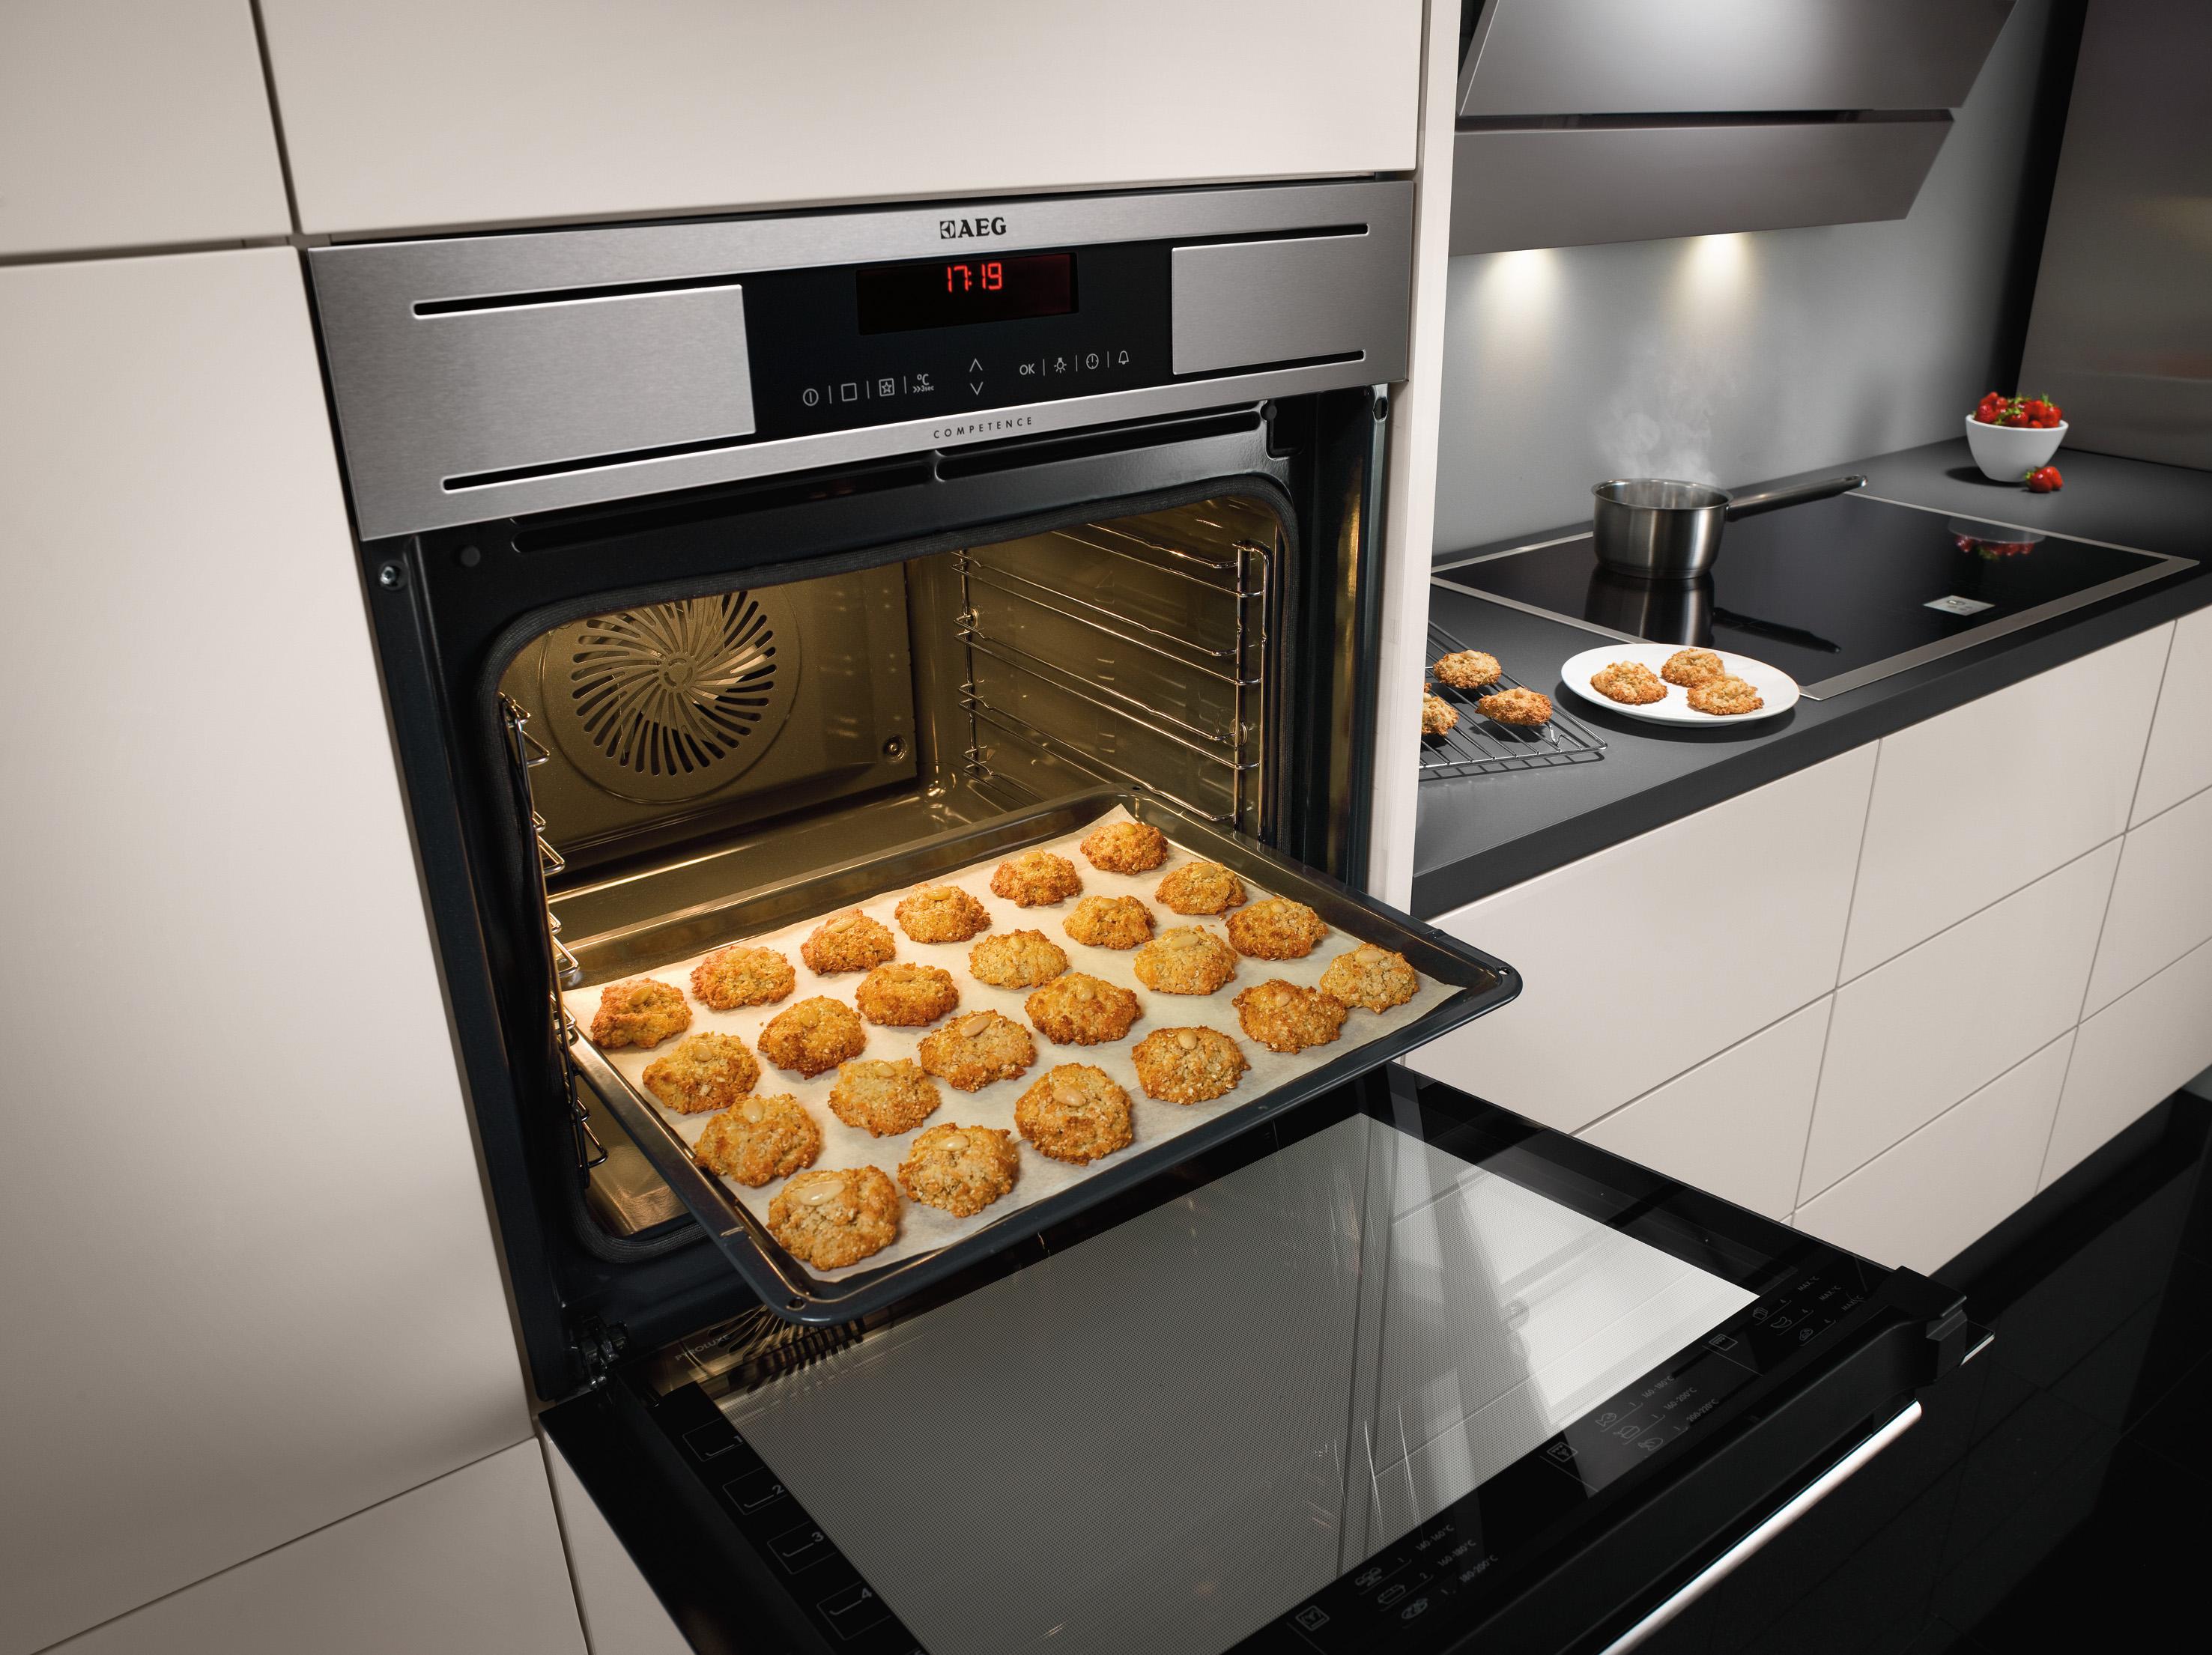 maxi klasse backofen oven von aeg (6)  aeg maxiklasse  ~ Backofen Aeg